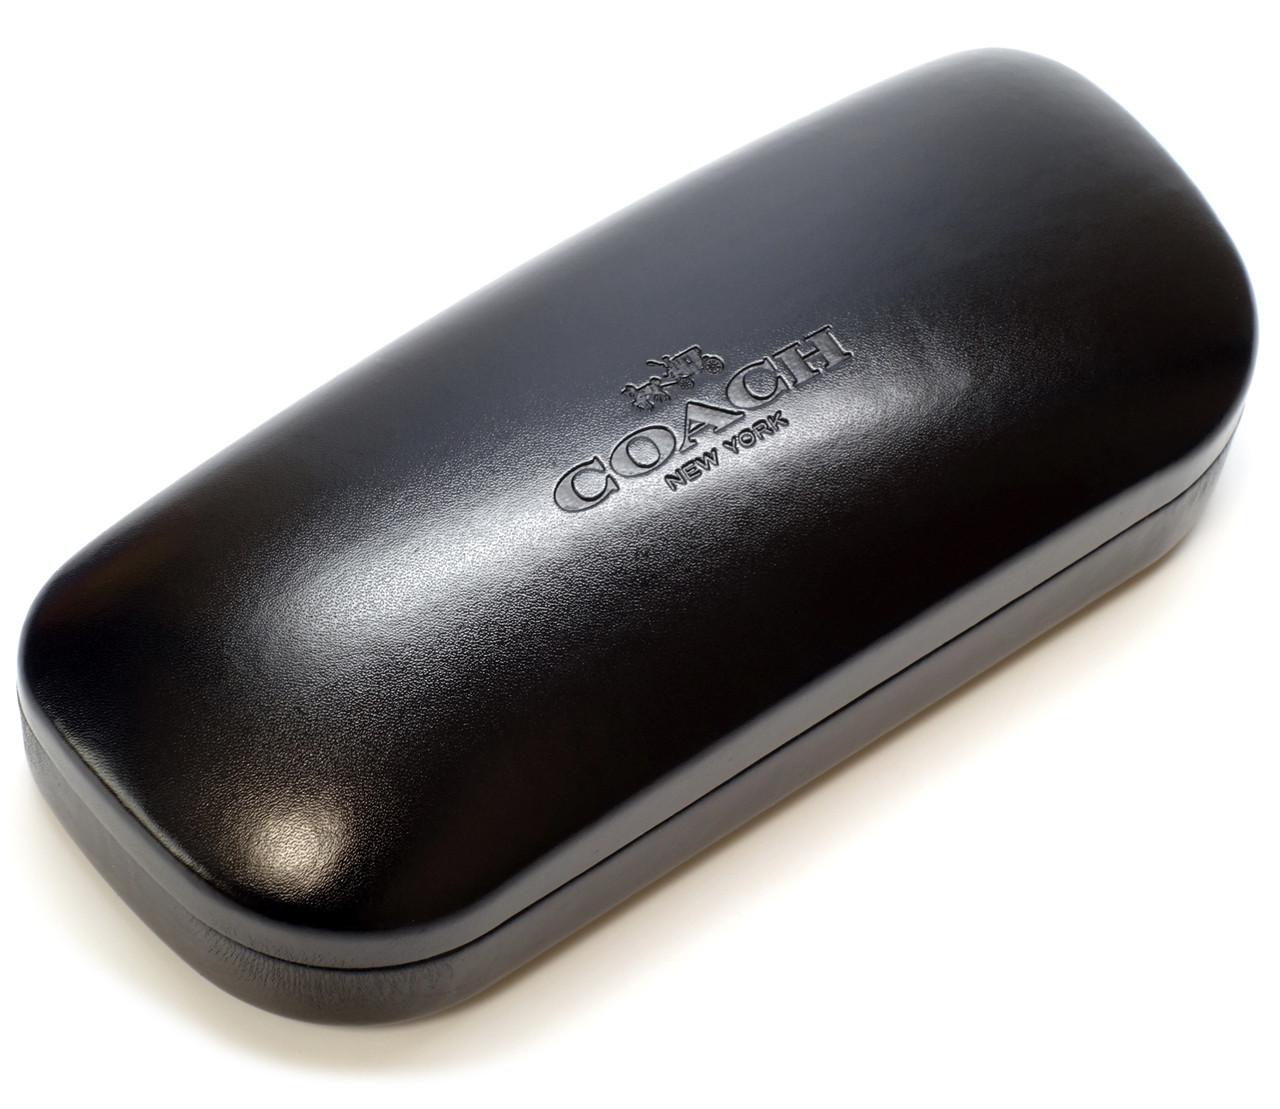 ORIGINIAL SMALL BLACK VOGUE SUNGLASSES//GLASSES CLAM SHELL ZIPPER CASE